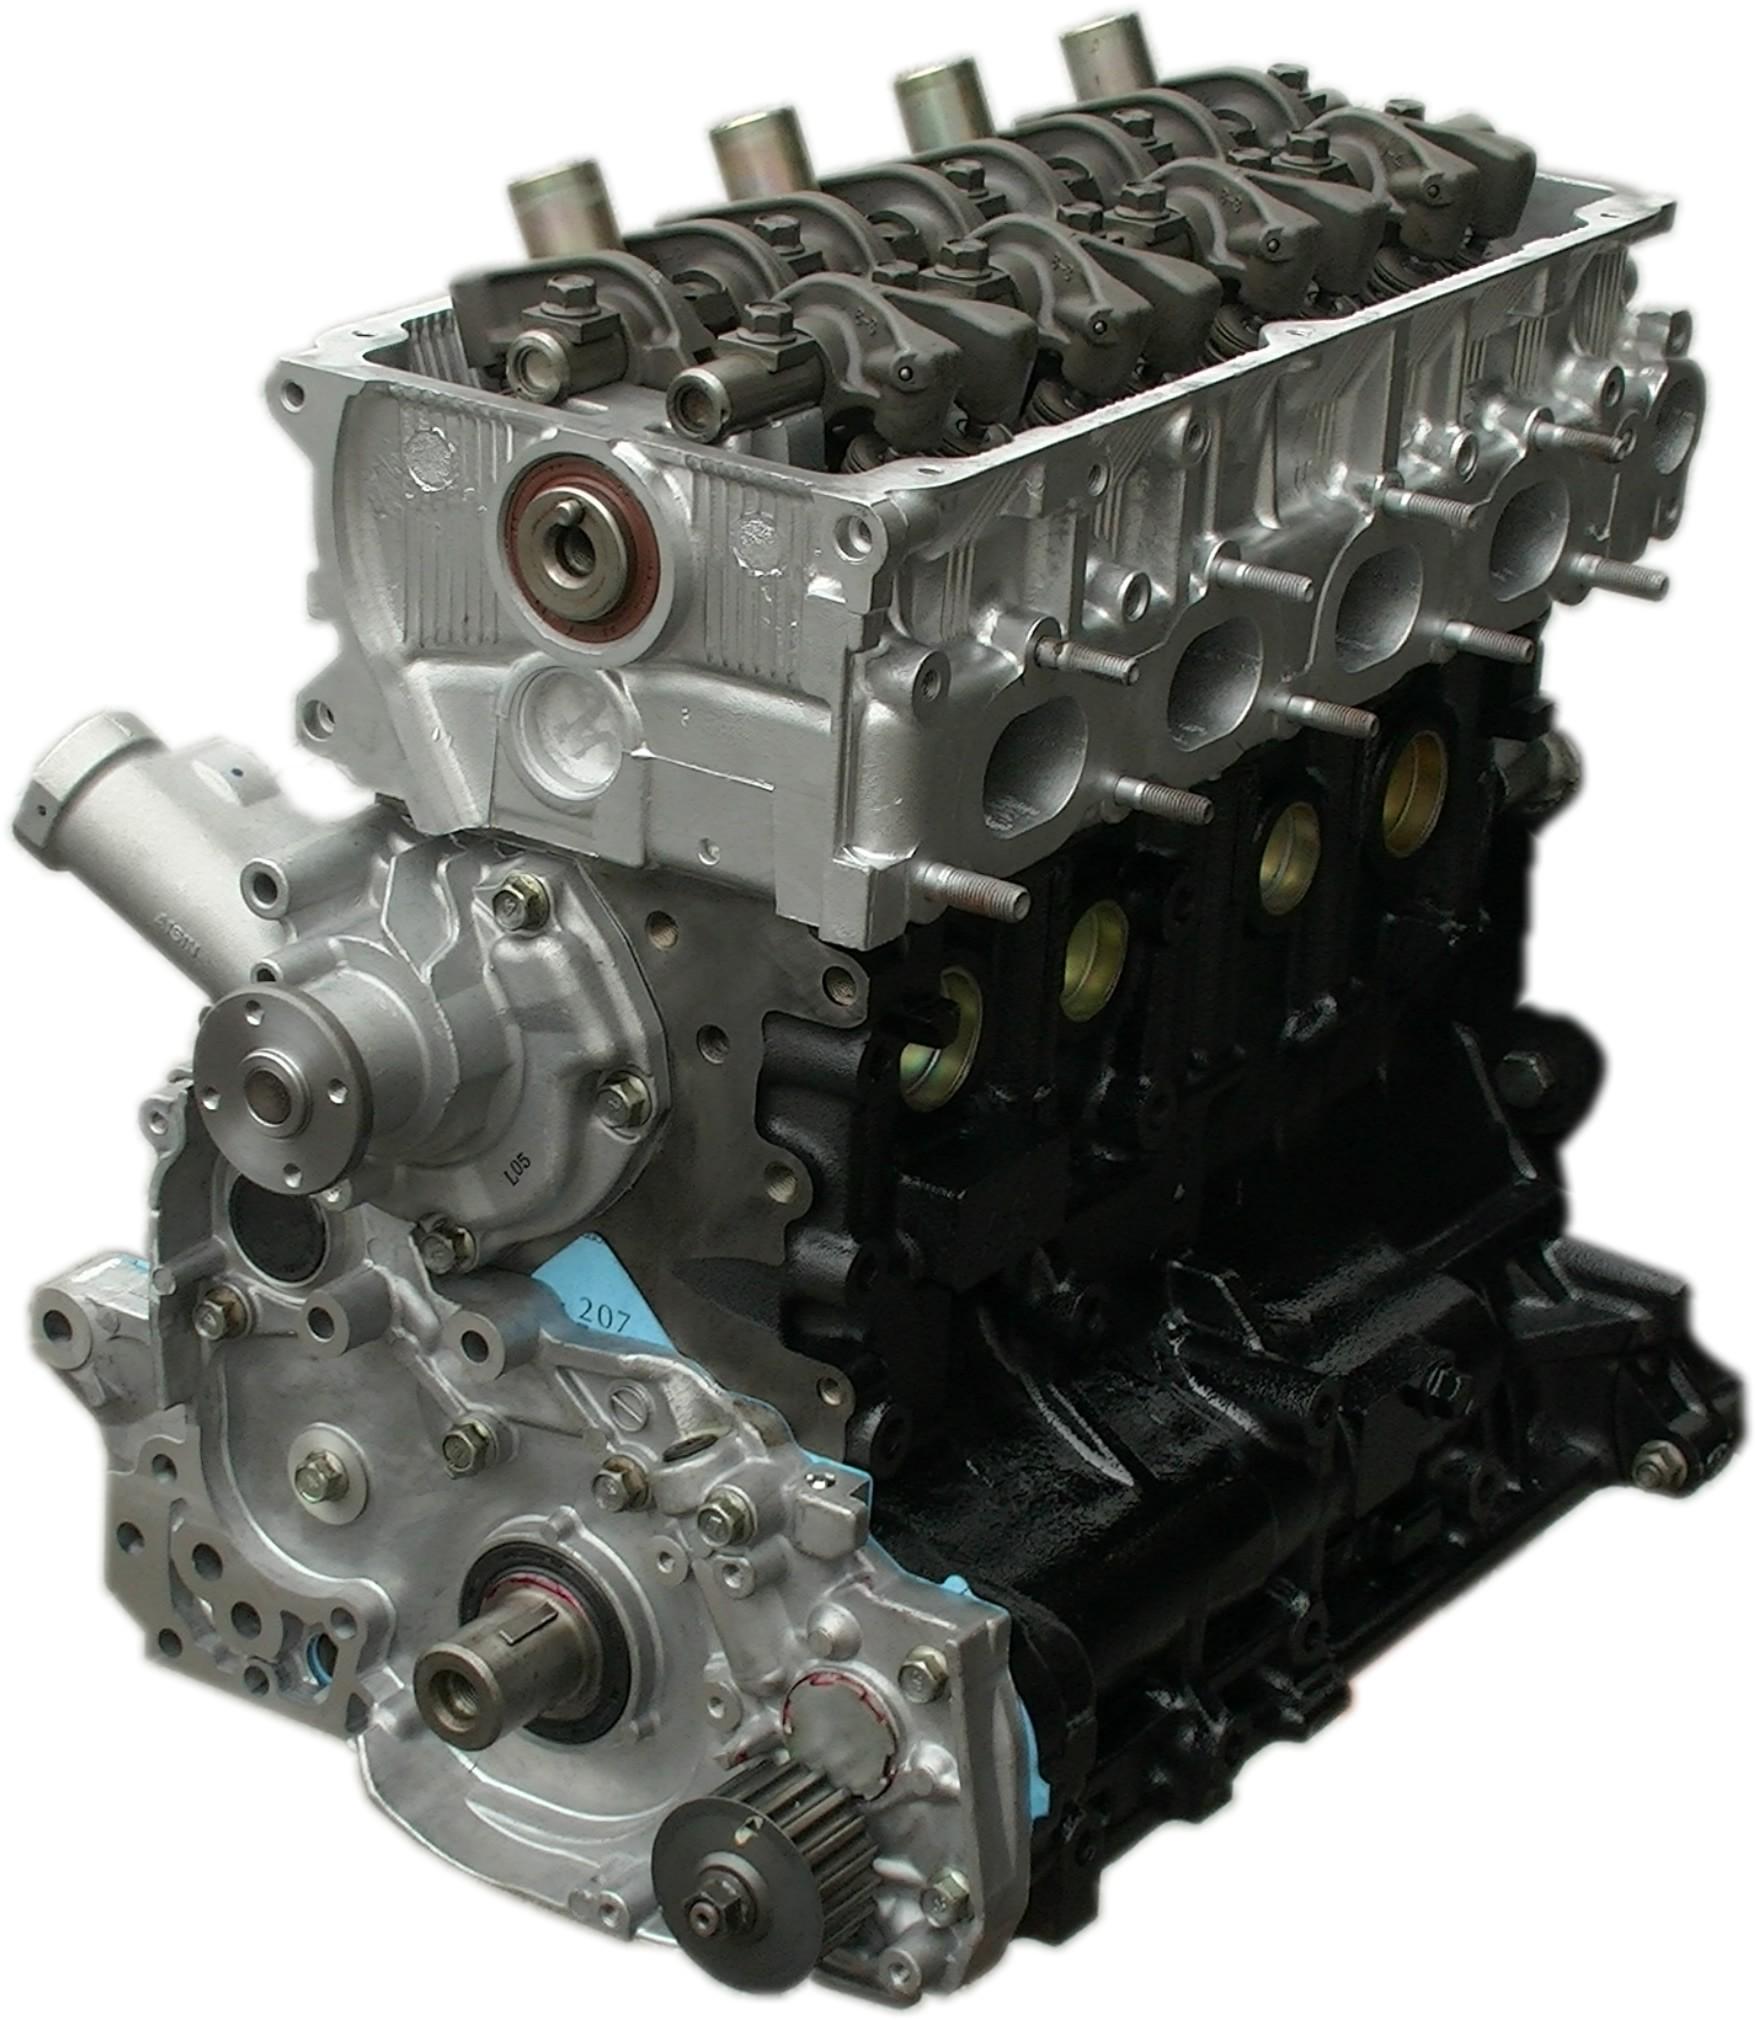 4g63 engine diagram